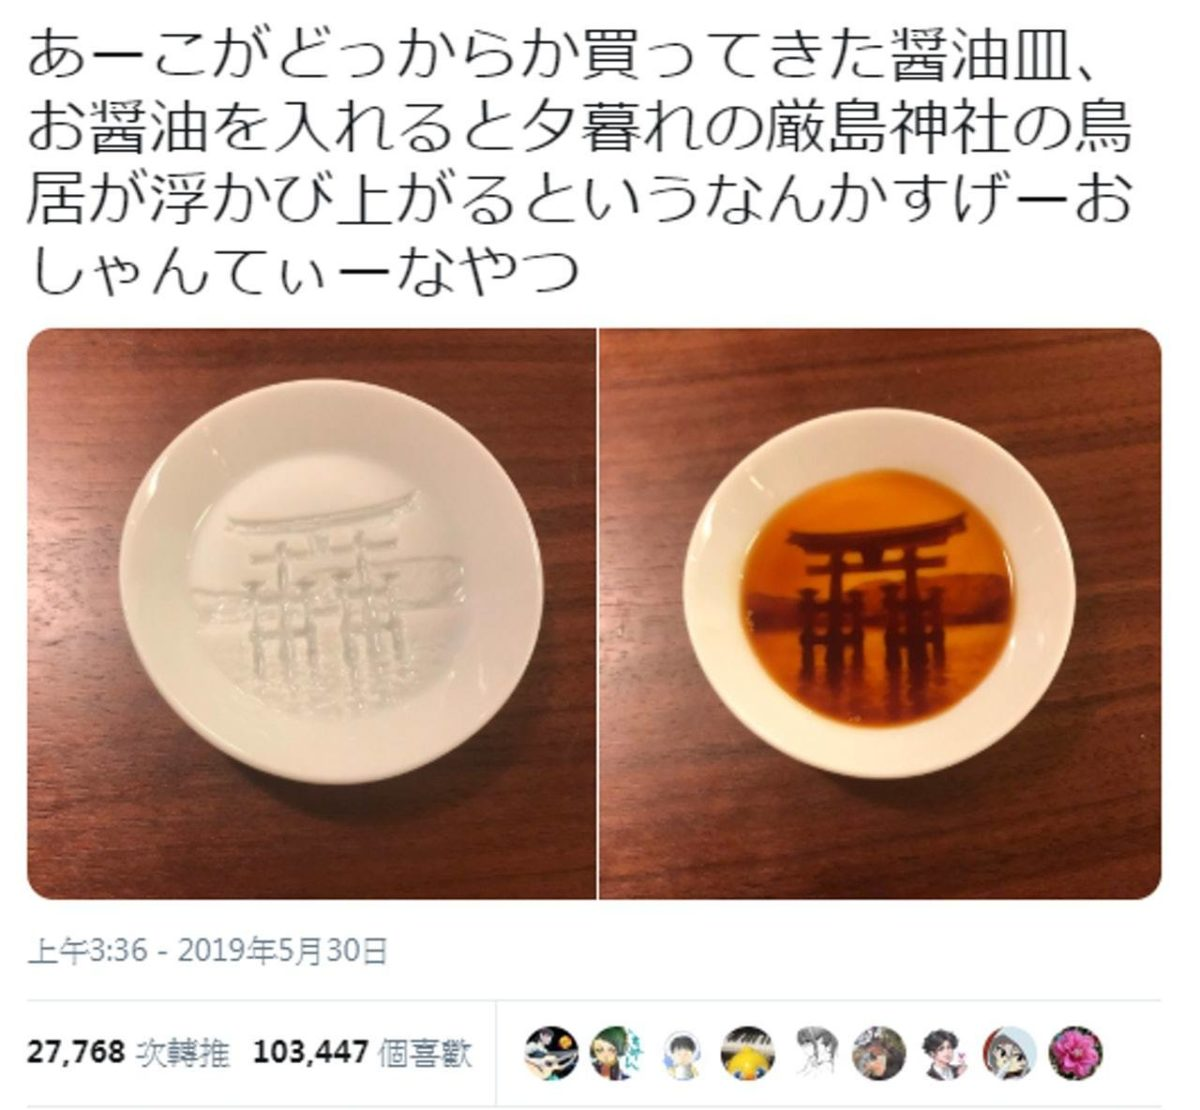 开卖就疯抢!日本超美酱油碟浮出水彩风富士山、严鸟神社